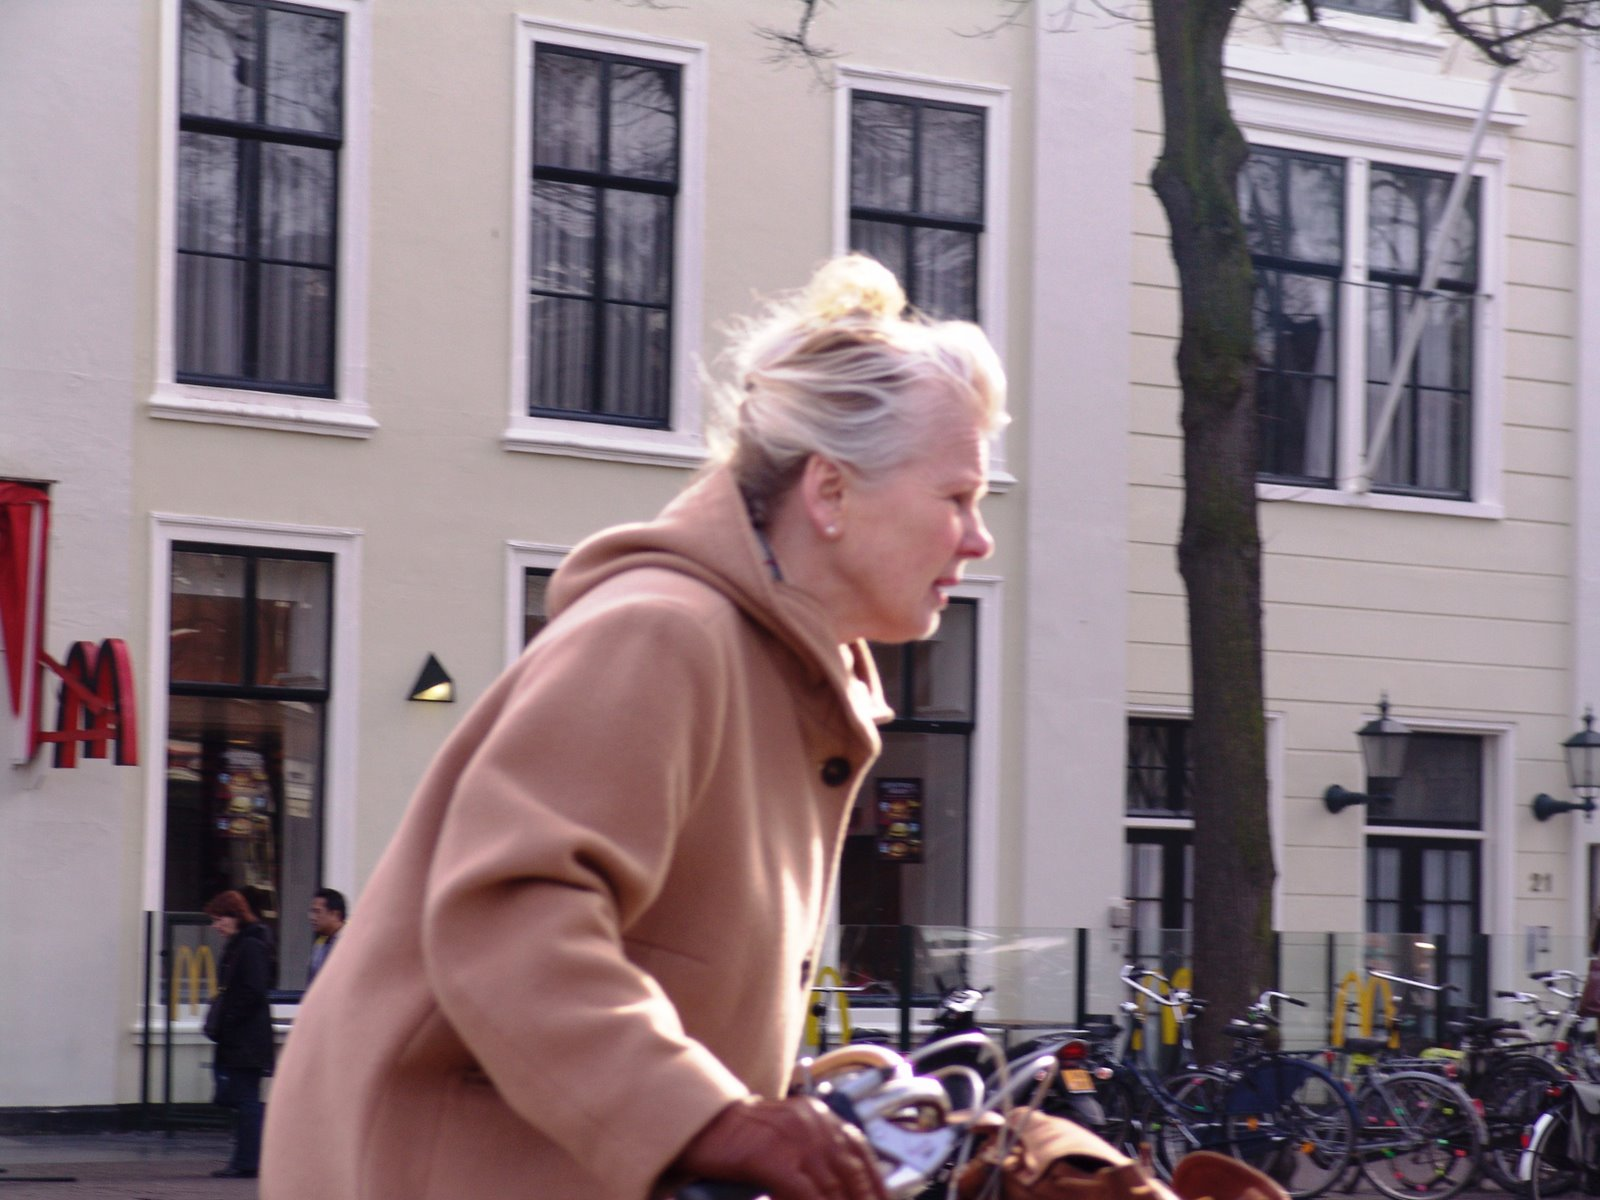 vieja+en+bicicleta]